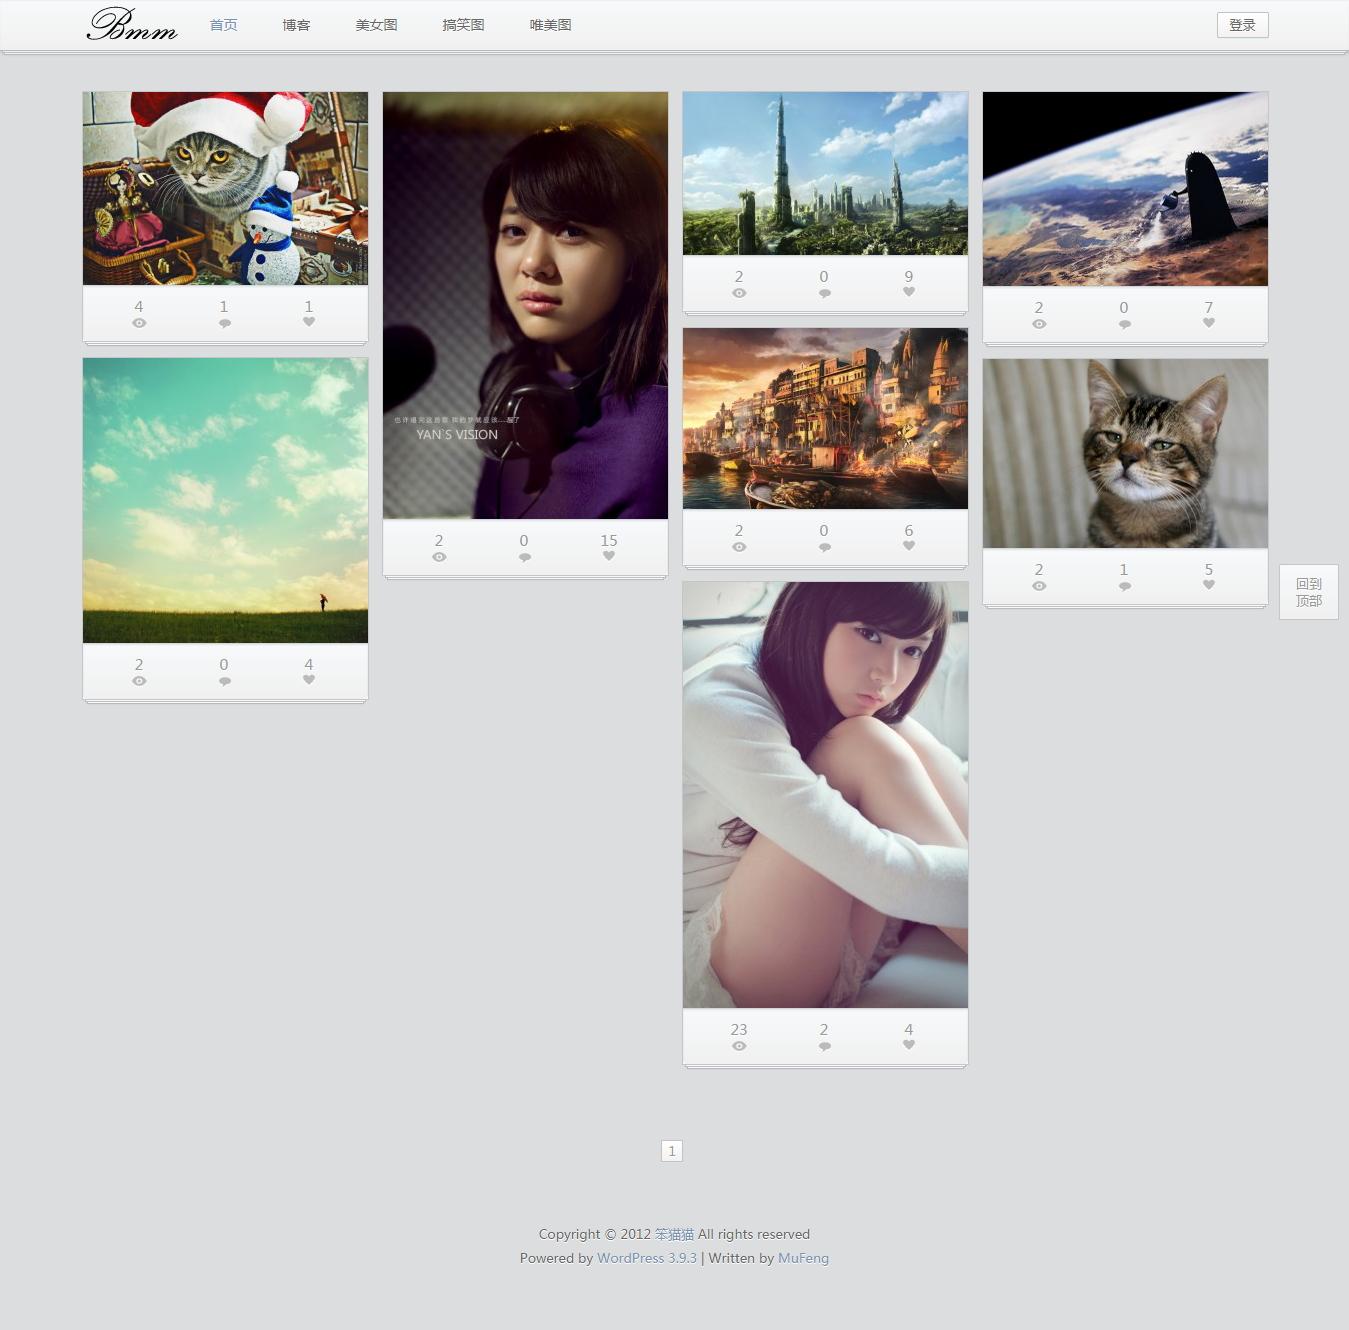 iphoto-index